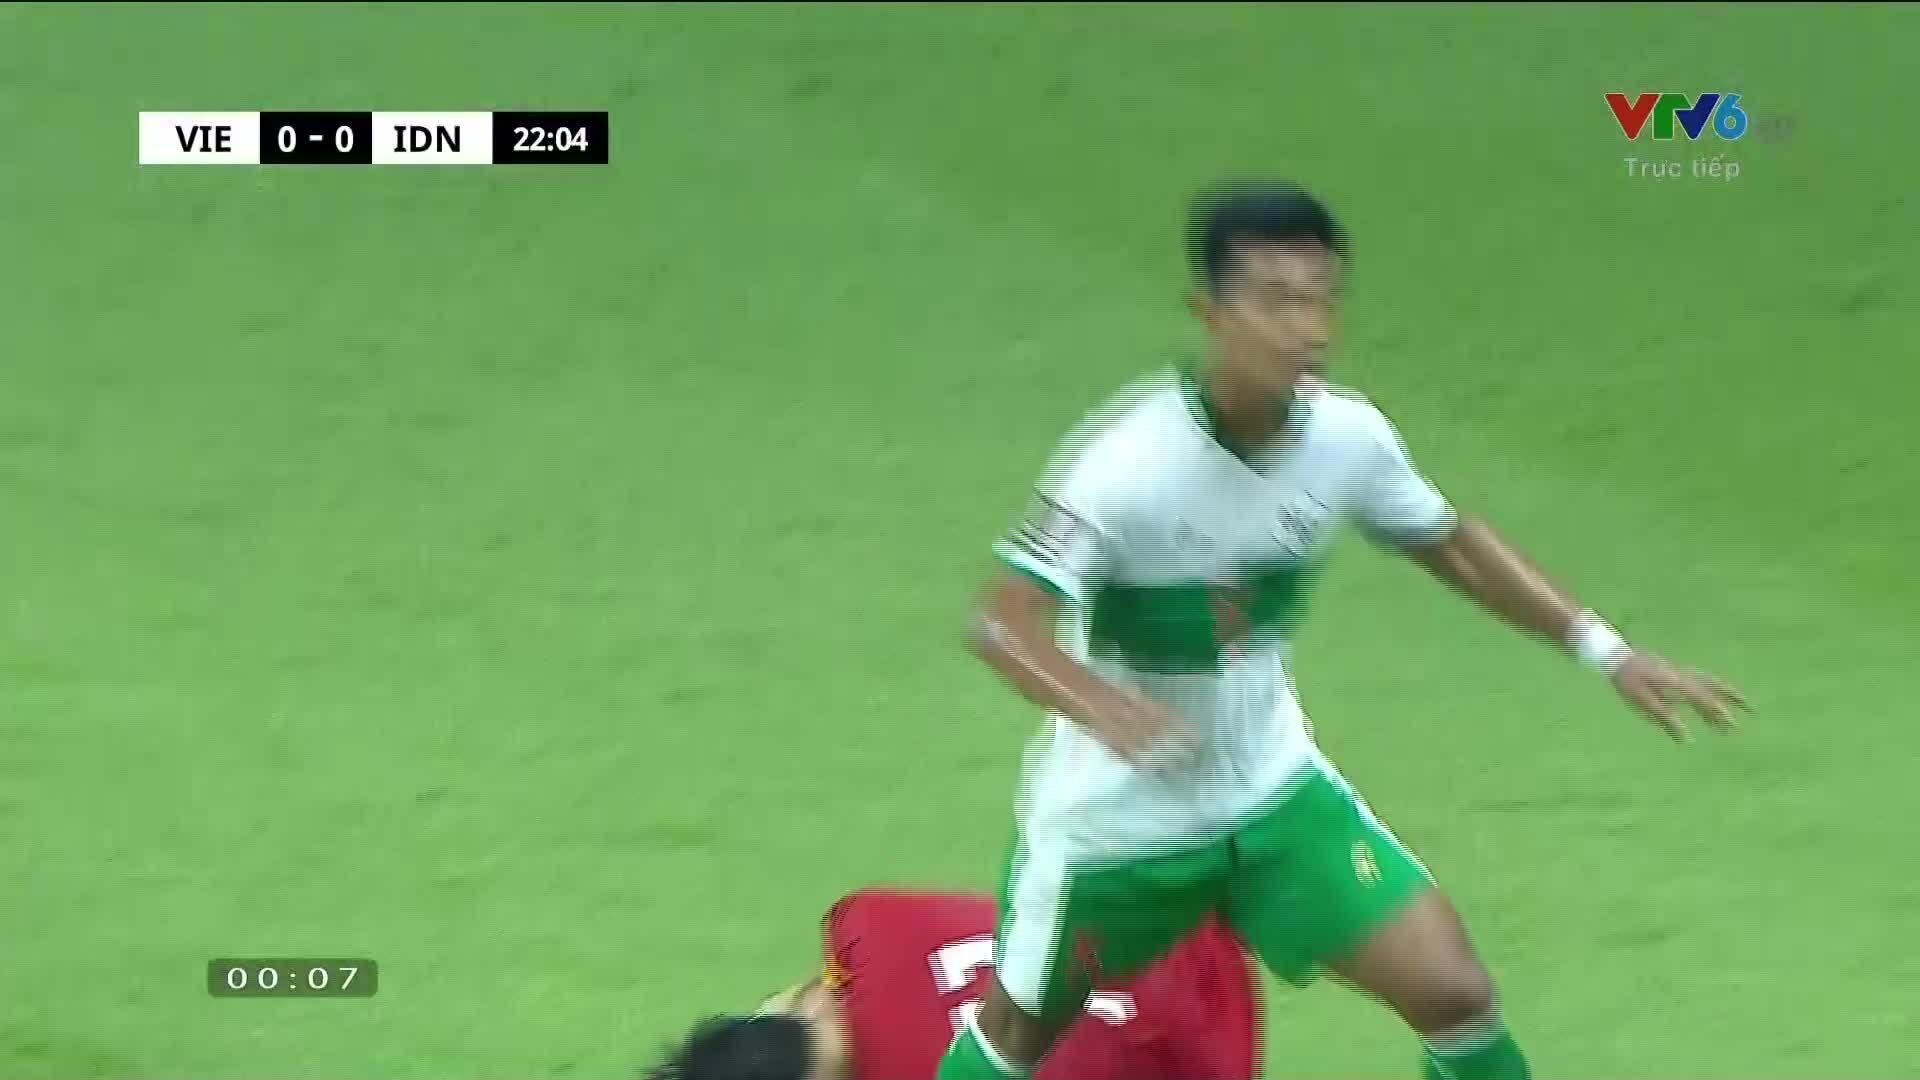 Tuấn Anh tự xin ra sân sau pha 'chặt chém' của cầu thủ Indonesia